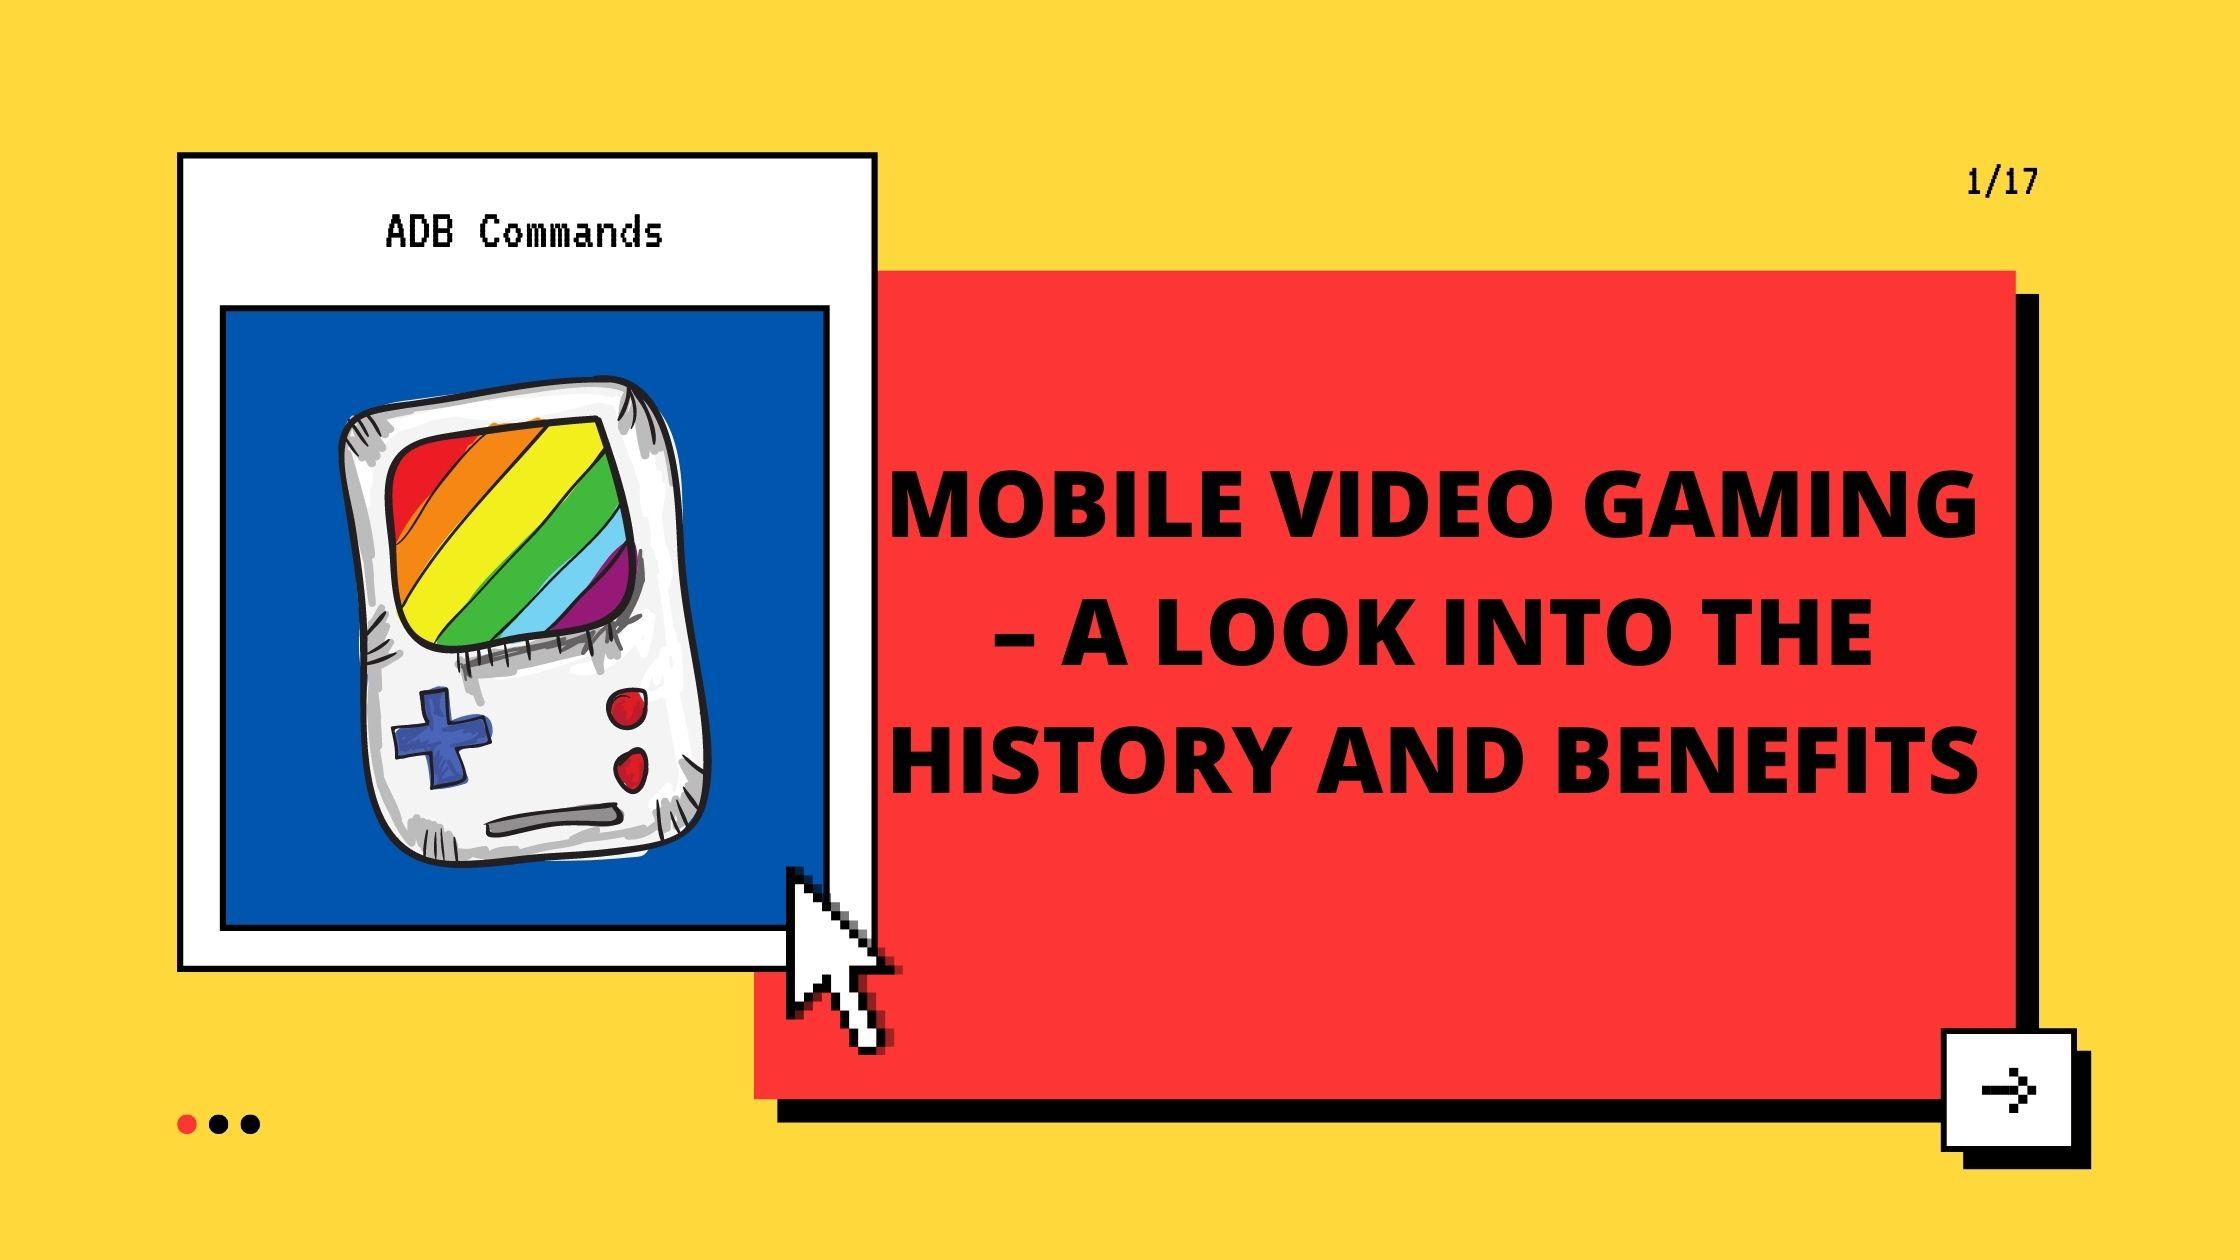 Videojuegos móviles: una mirada a la historia y los beneficios